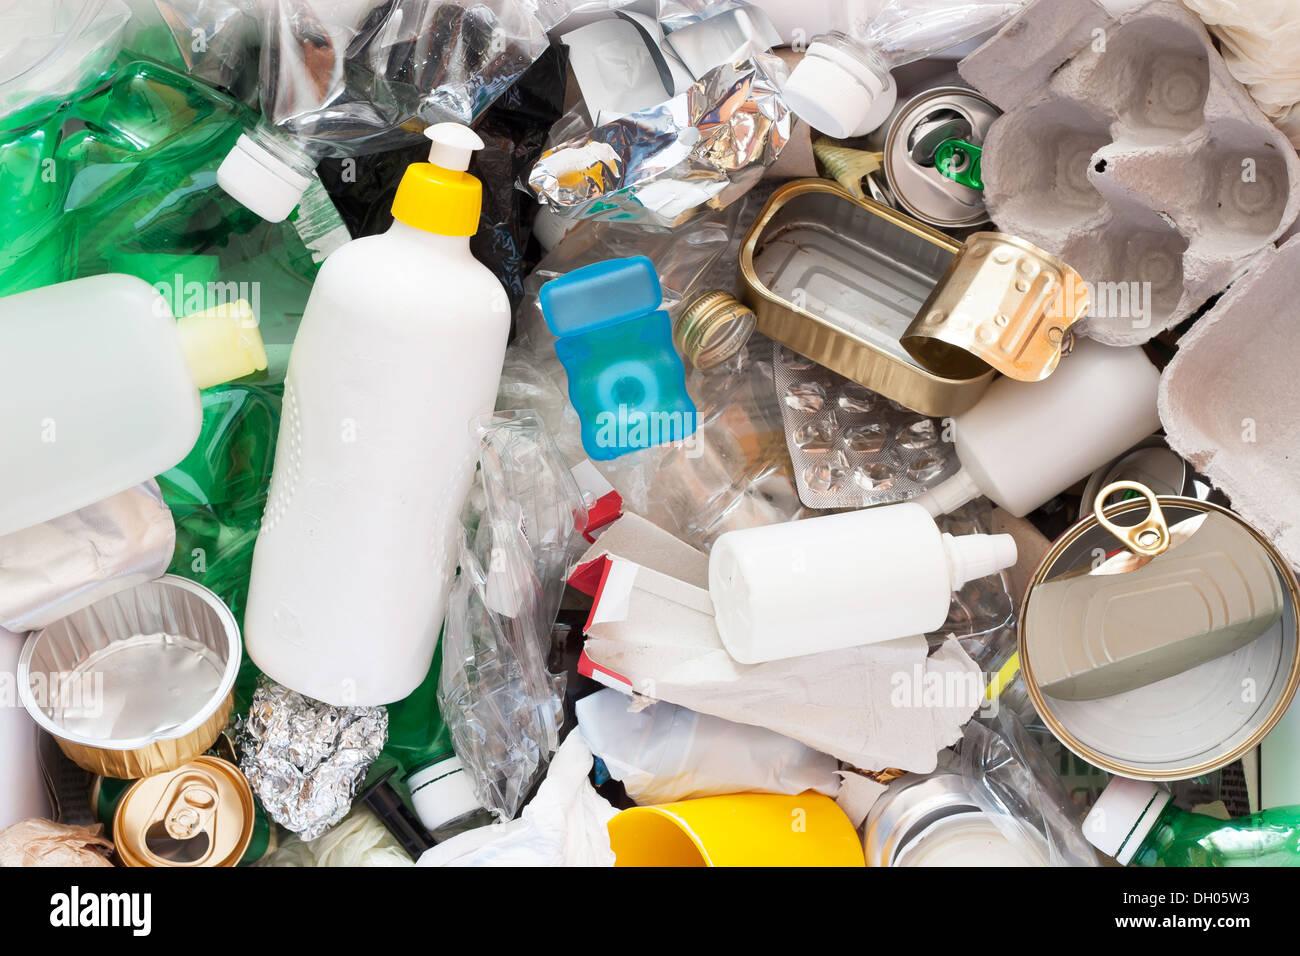 Recycling von Müll und wiederverwendbare Abfallwirtschaft wie Metall, Kunststoff, Altpapier Produkte wiederverwendet werden Stockbild